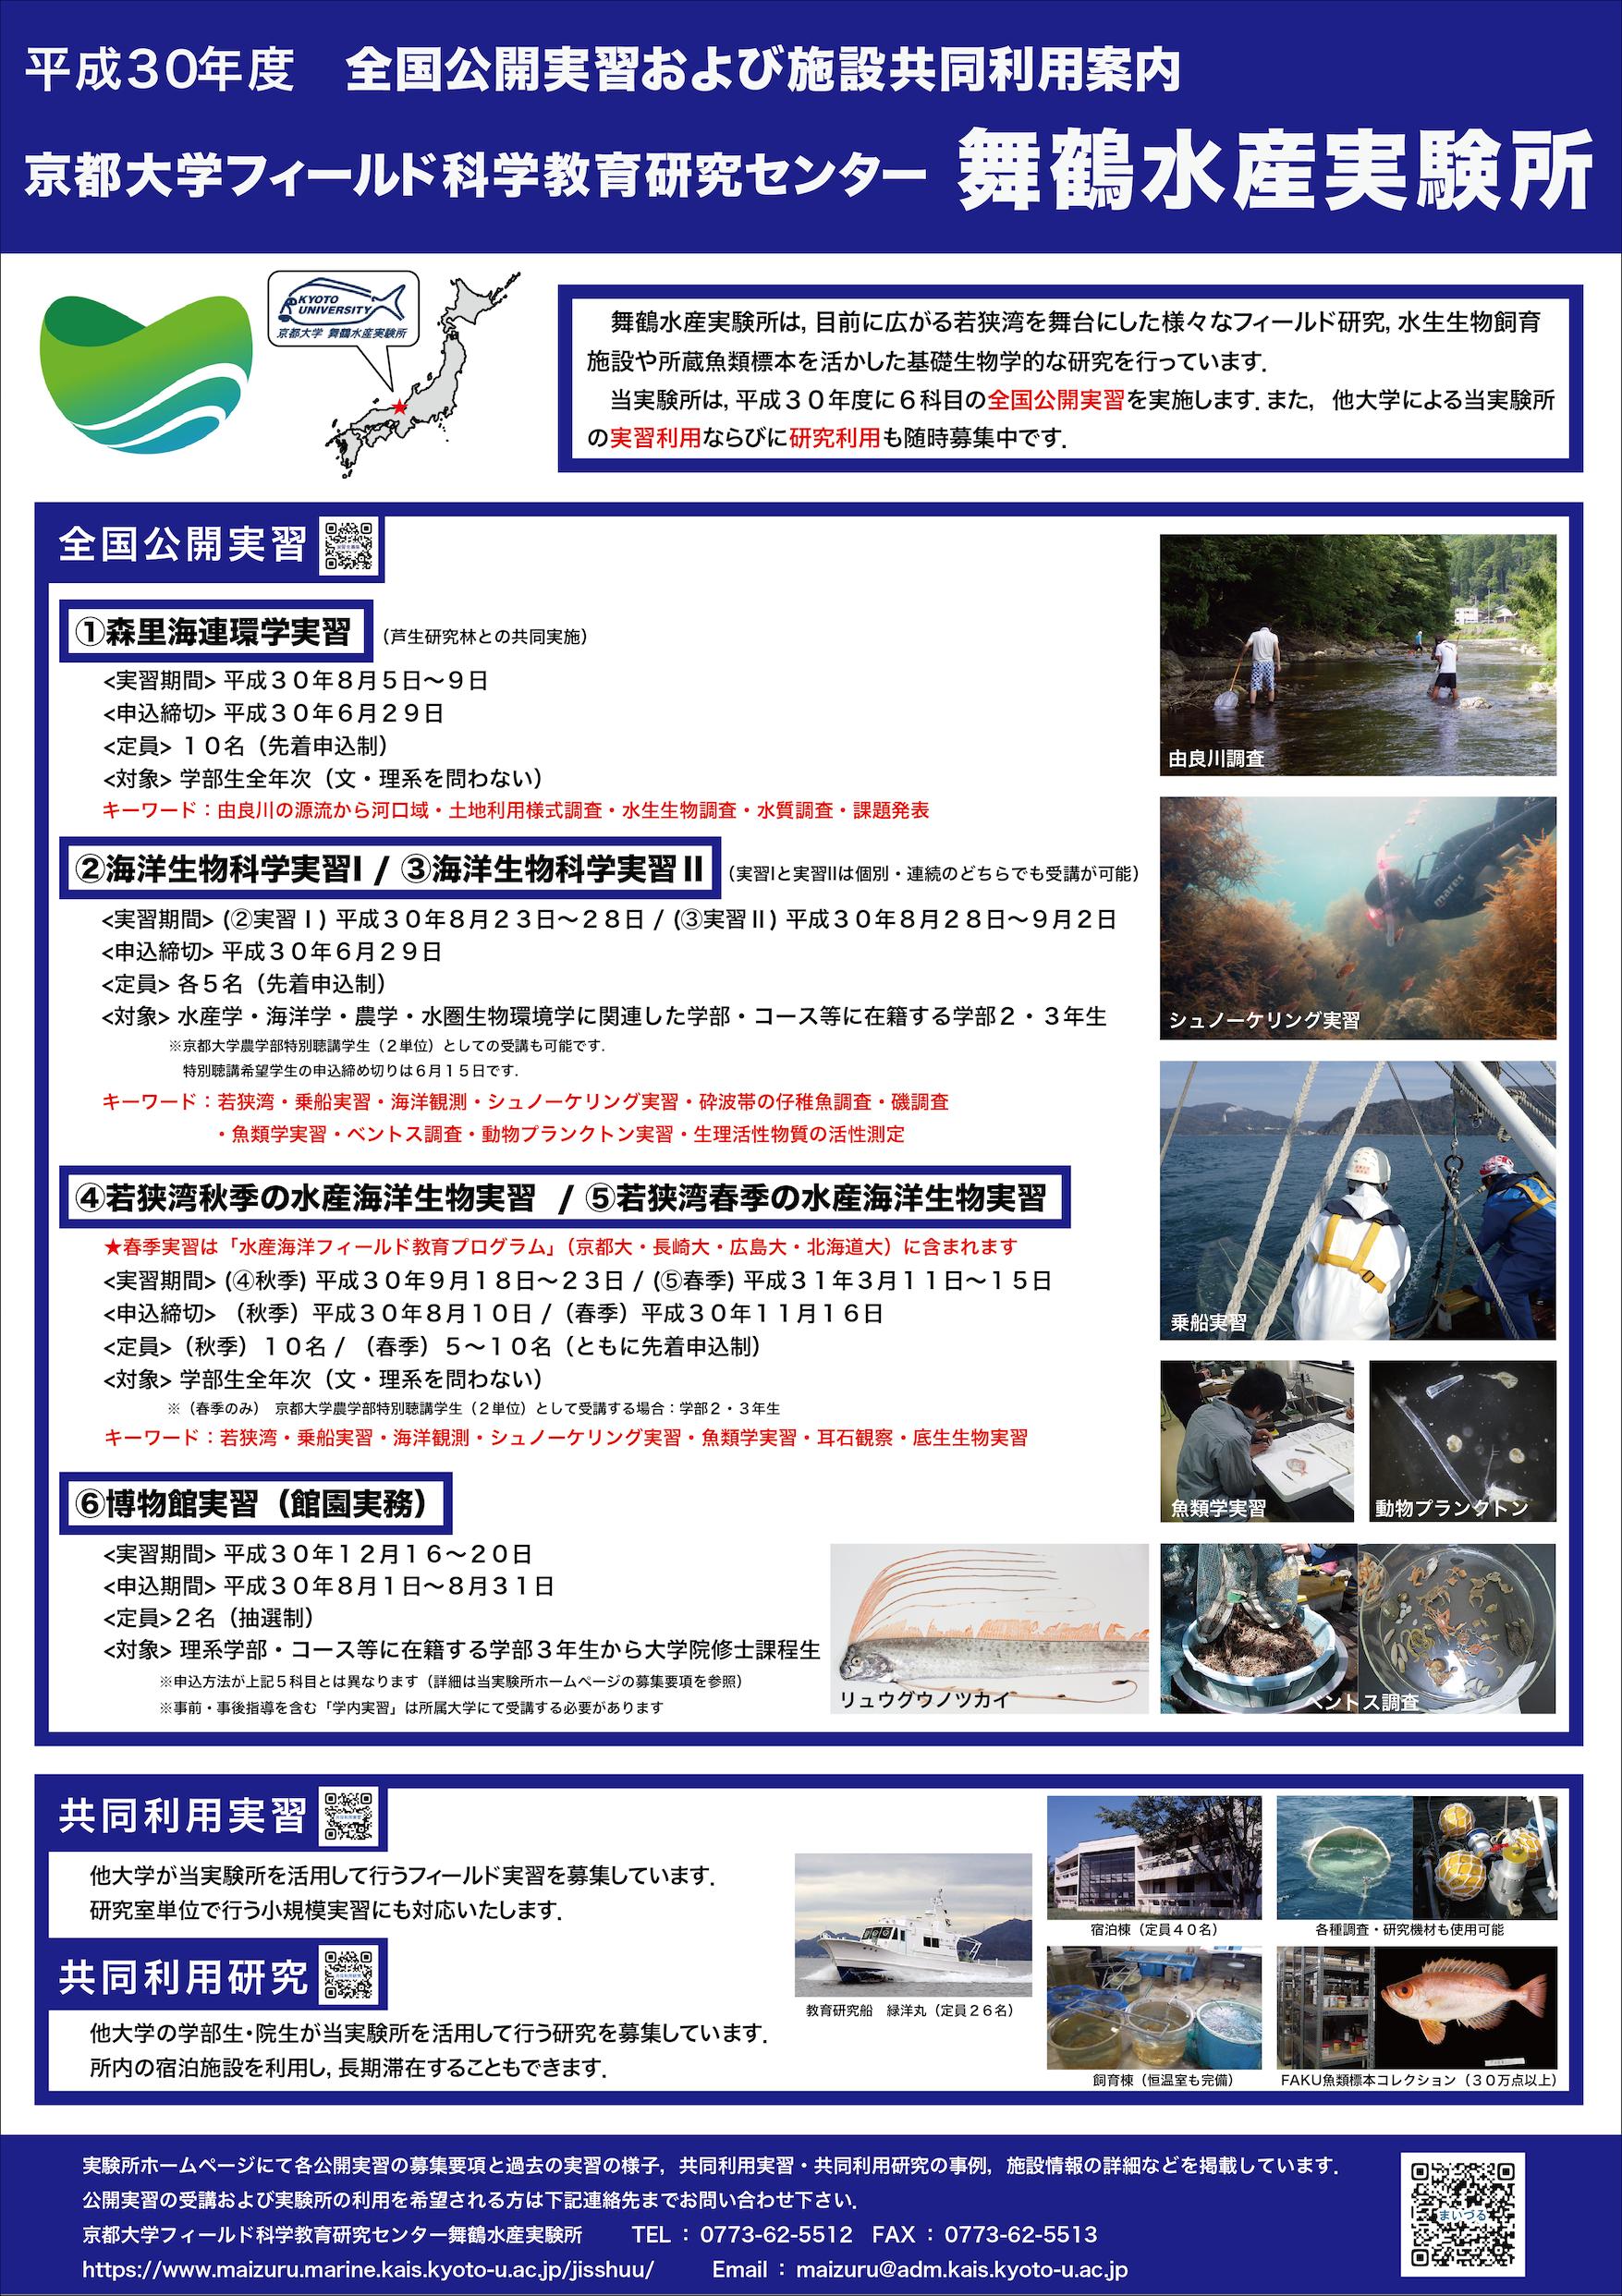 実験所ポスター2018_完成版